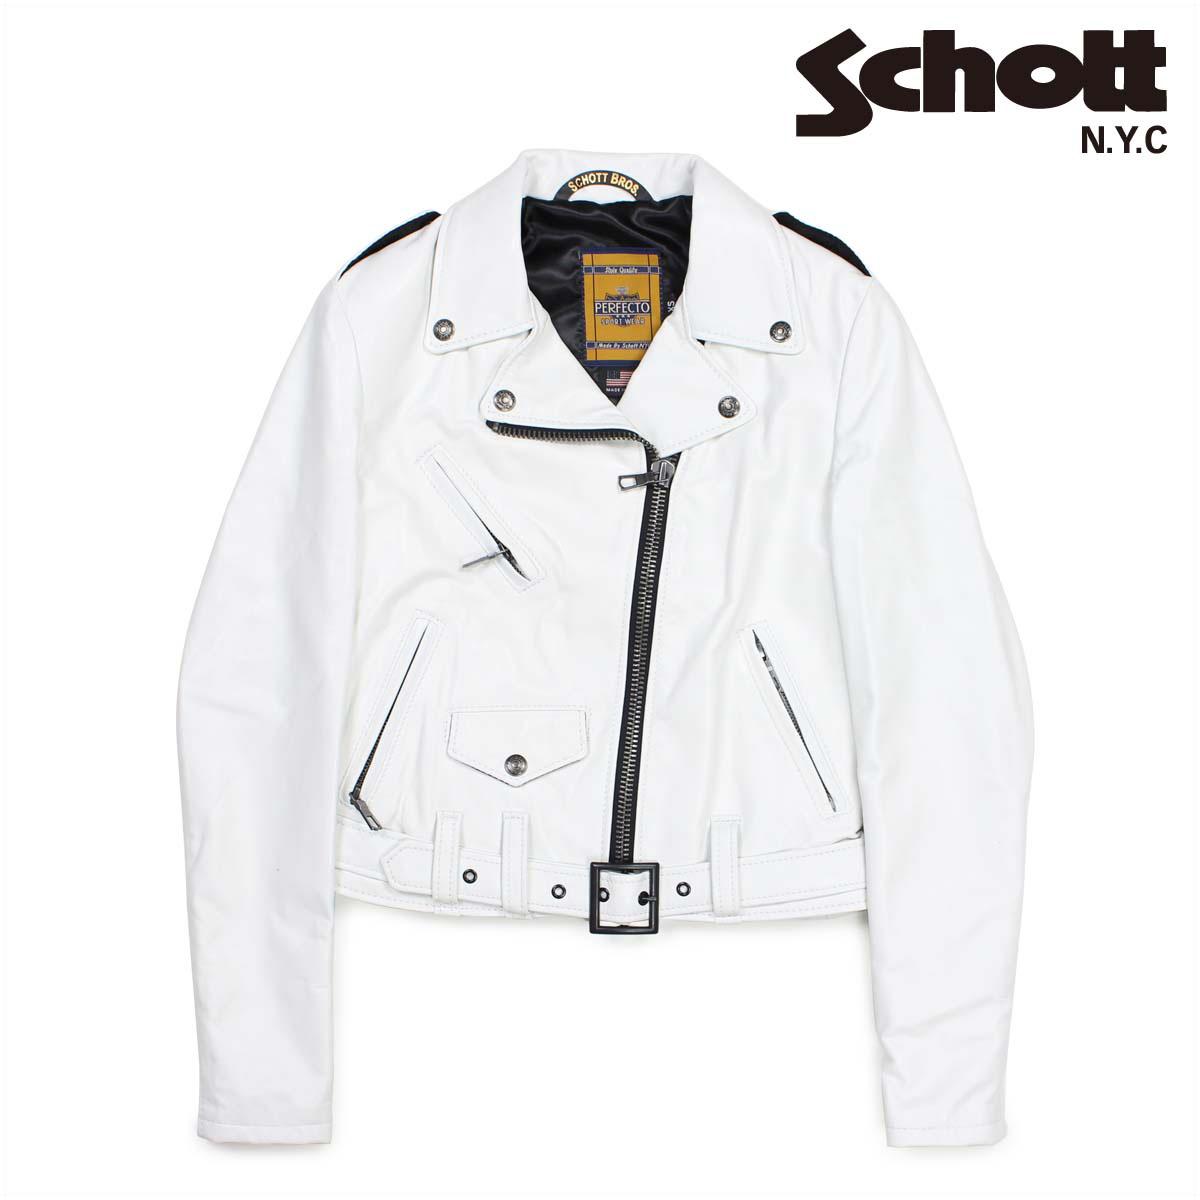 【最大2000円OFFクーポン】 【訳あり】 ショット Schott ジャケット レザージャケット レディース WOMEN LAMBSKIN PERFECTO LEATHER JACKET ホワイト SPERW